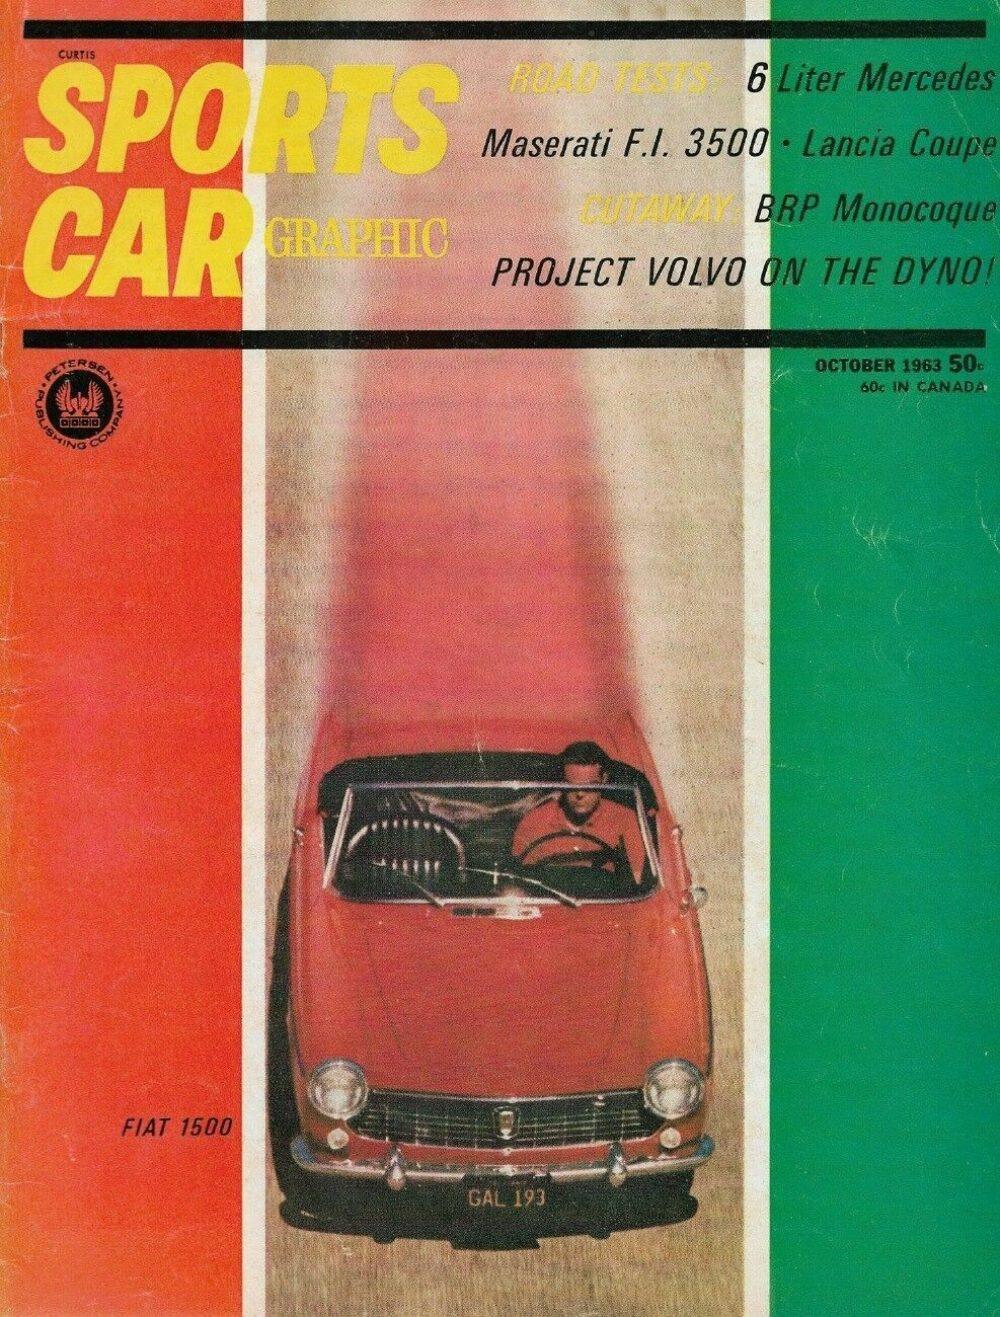 Sports Car Graphic 1963 Oct M B 6 L